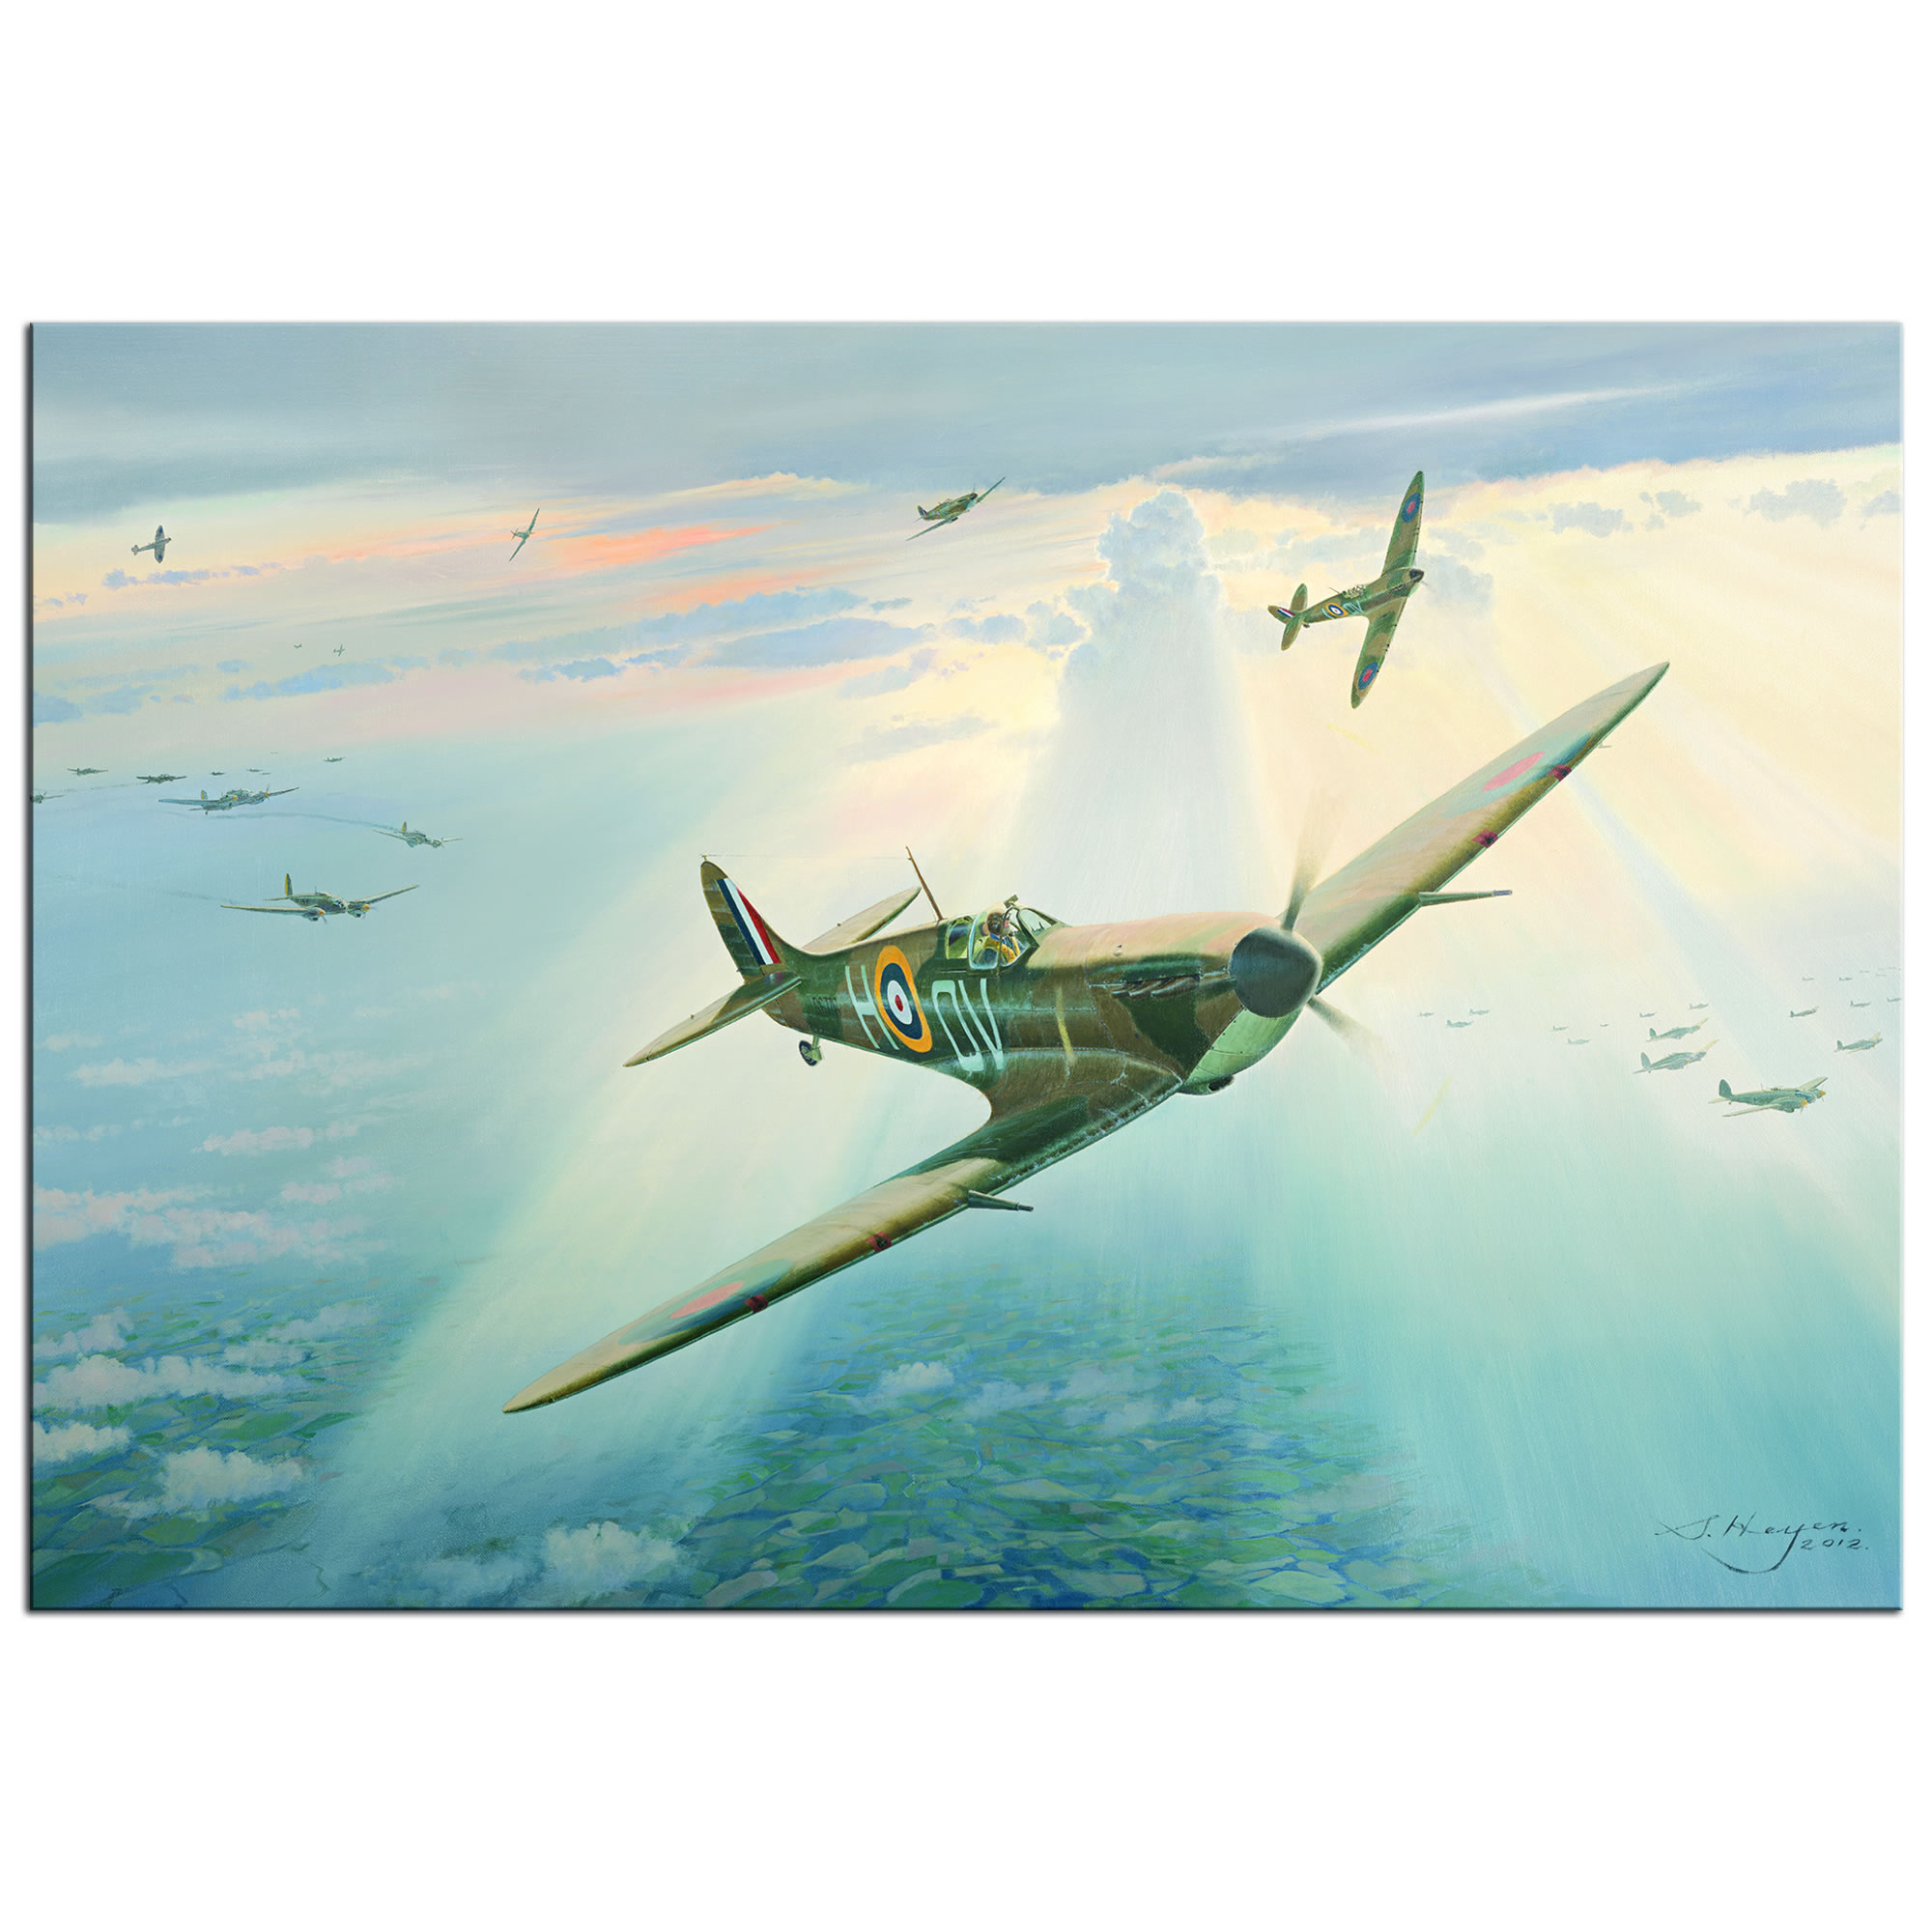 Spitfire - World War 2 Metal Wall Art